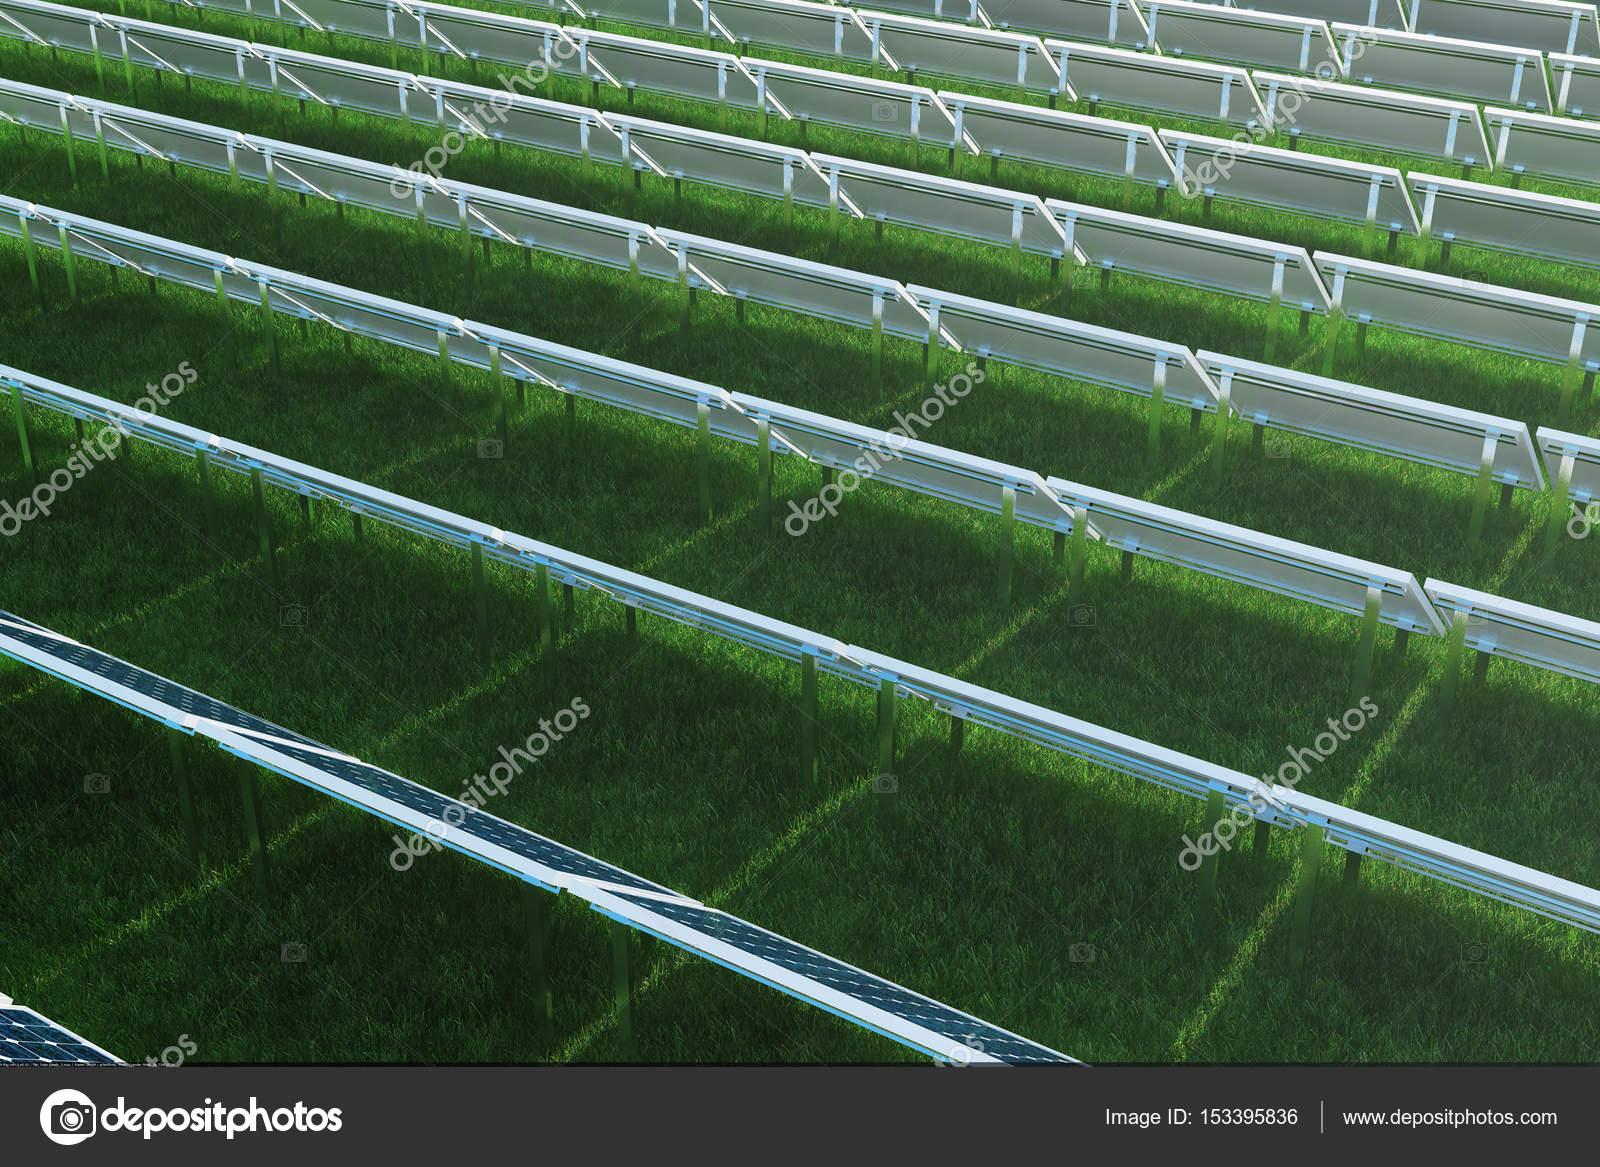 Exquisit Alternative Zu Rasen Referenz Von Blaue Sonnenkollektoren Auf Dem Rasen. Stromquelle Konzept.